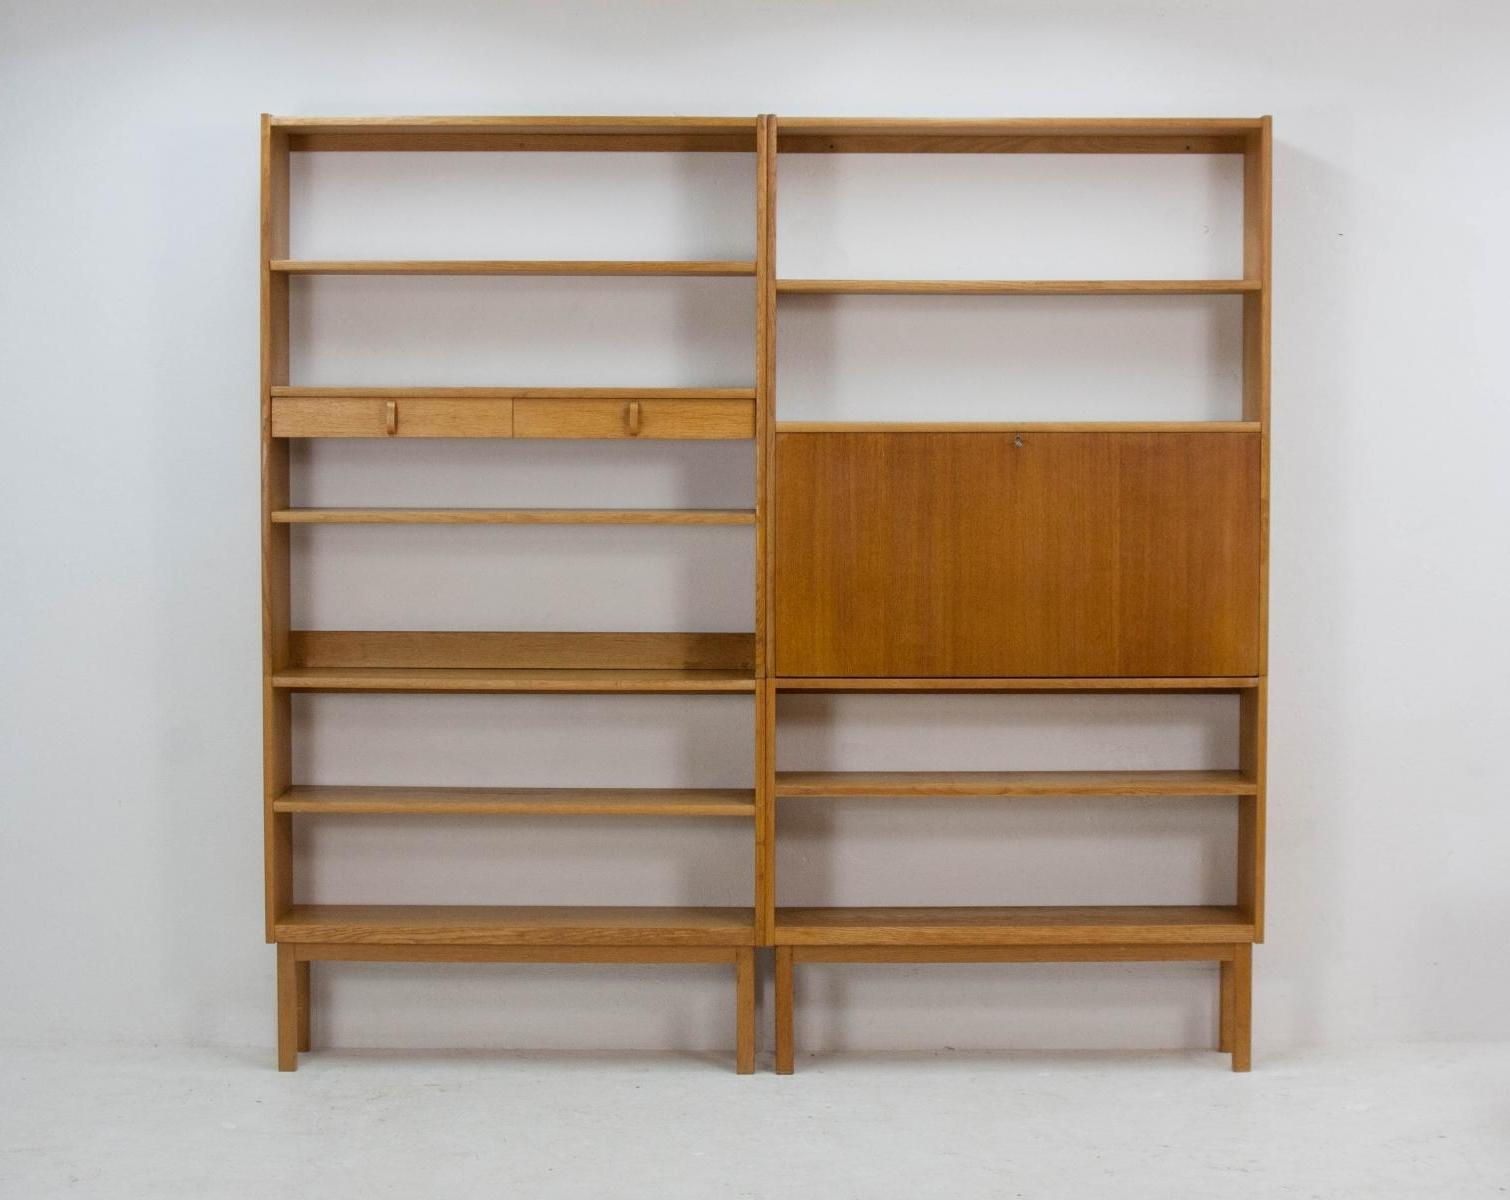 Oak Bookcases Inside 2018 Blond Oak Bookcasesbertie Fridhagen For Bodafors, 1964 For (View 10 of 15)